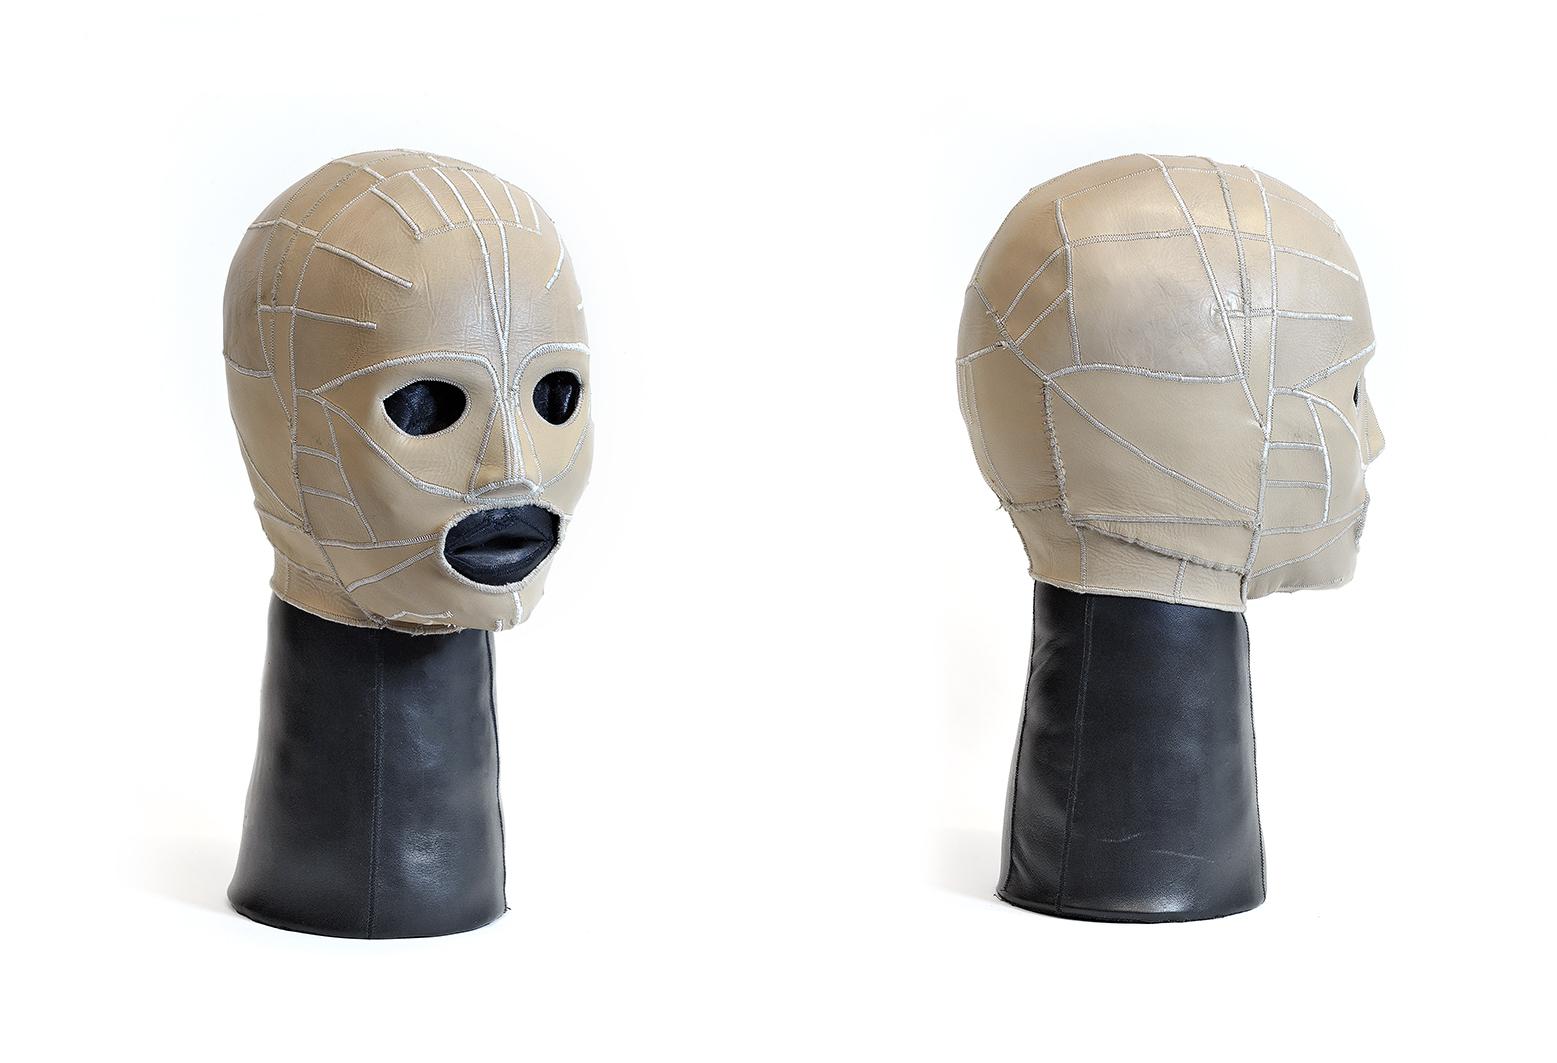 Aneta Grzeszykowska   Skin Head #6 , 2016  Leather, filling  39 x 22 x 17 cm